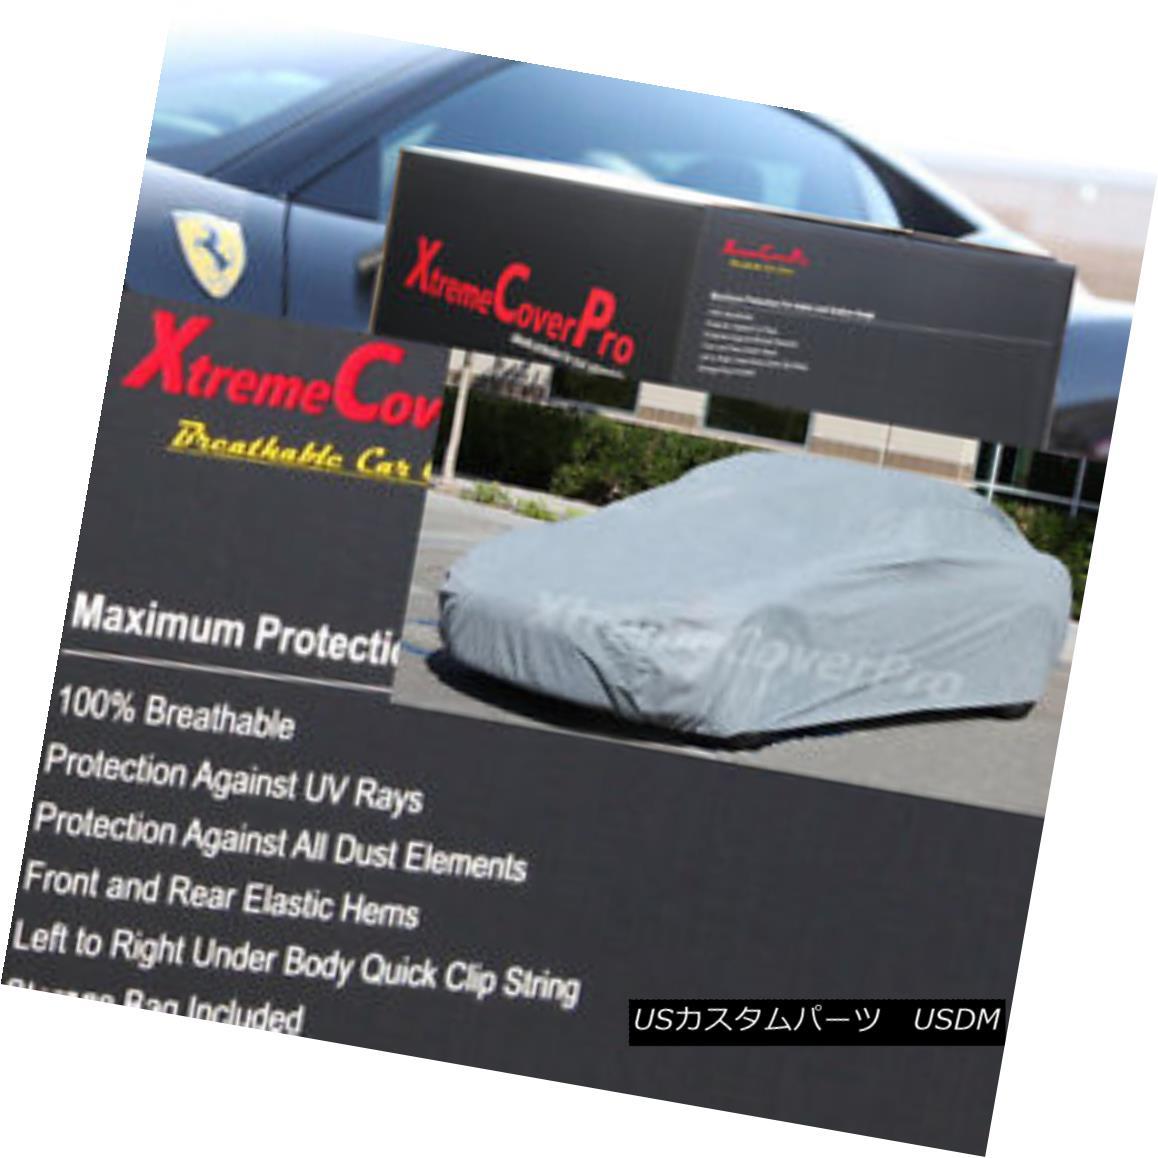 カーカバー 1993 1994 1995 Mazda RX-7 Breathable Car Cover 1993 1994 1995マツダRX-7通気性車カバー